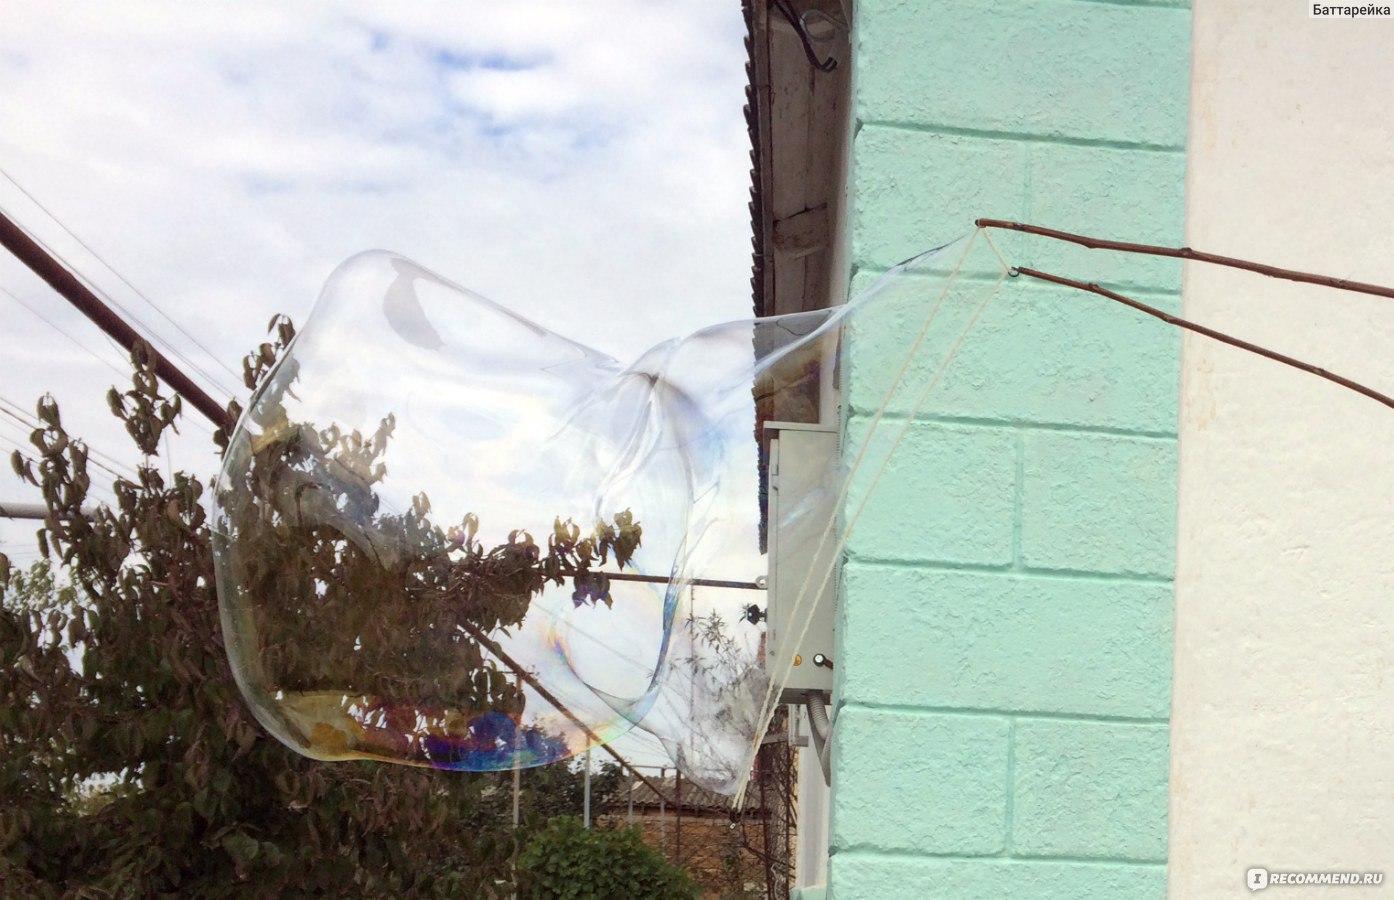 Как сделать мыльные пузыри в домашних условиях: 7 рецептов 76